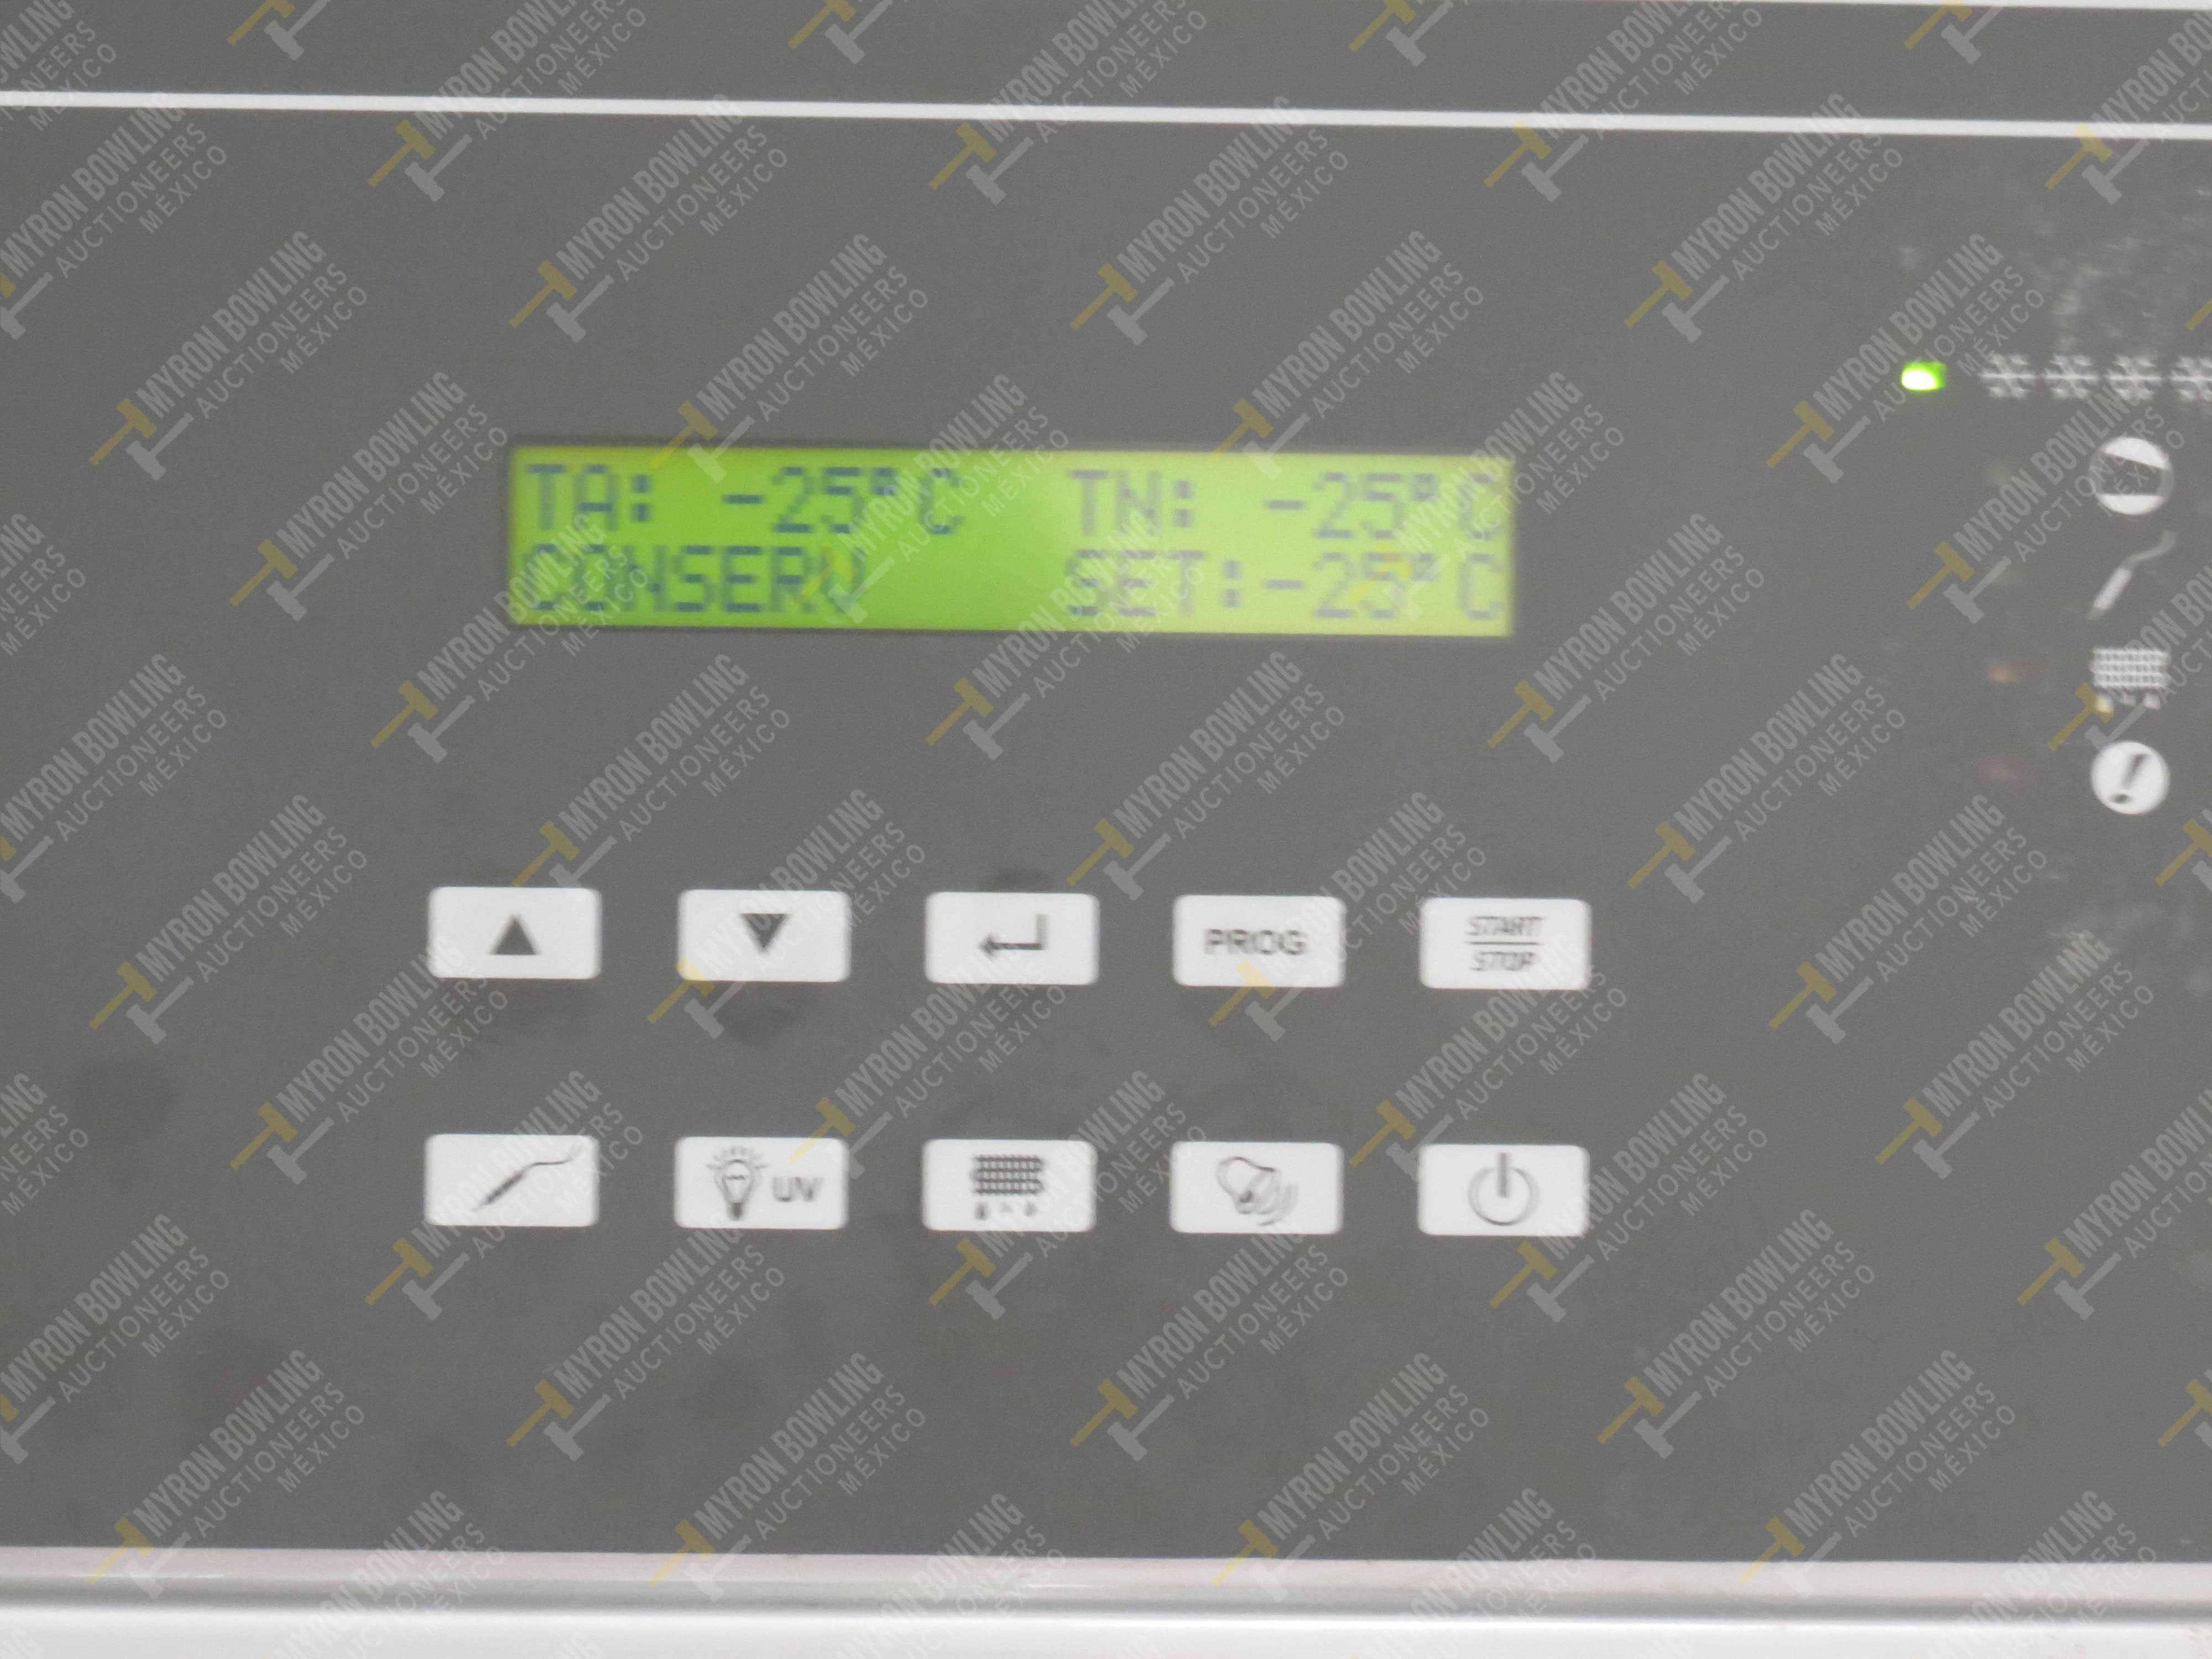 Túnel de congelación de alimentos marca Criocabin, Modelo G130020, No. de Serie 29535666 … - Image 3 of 12